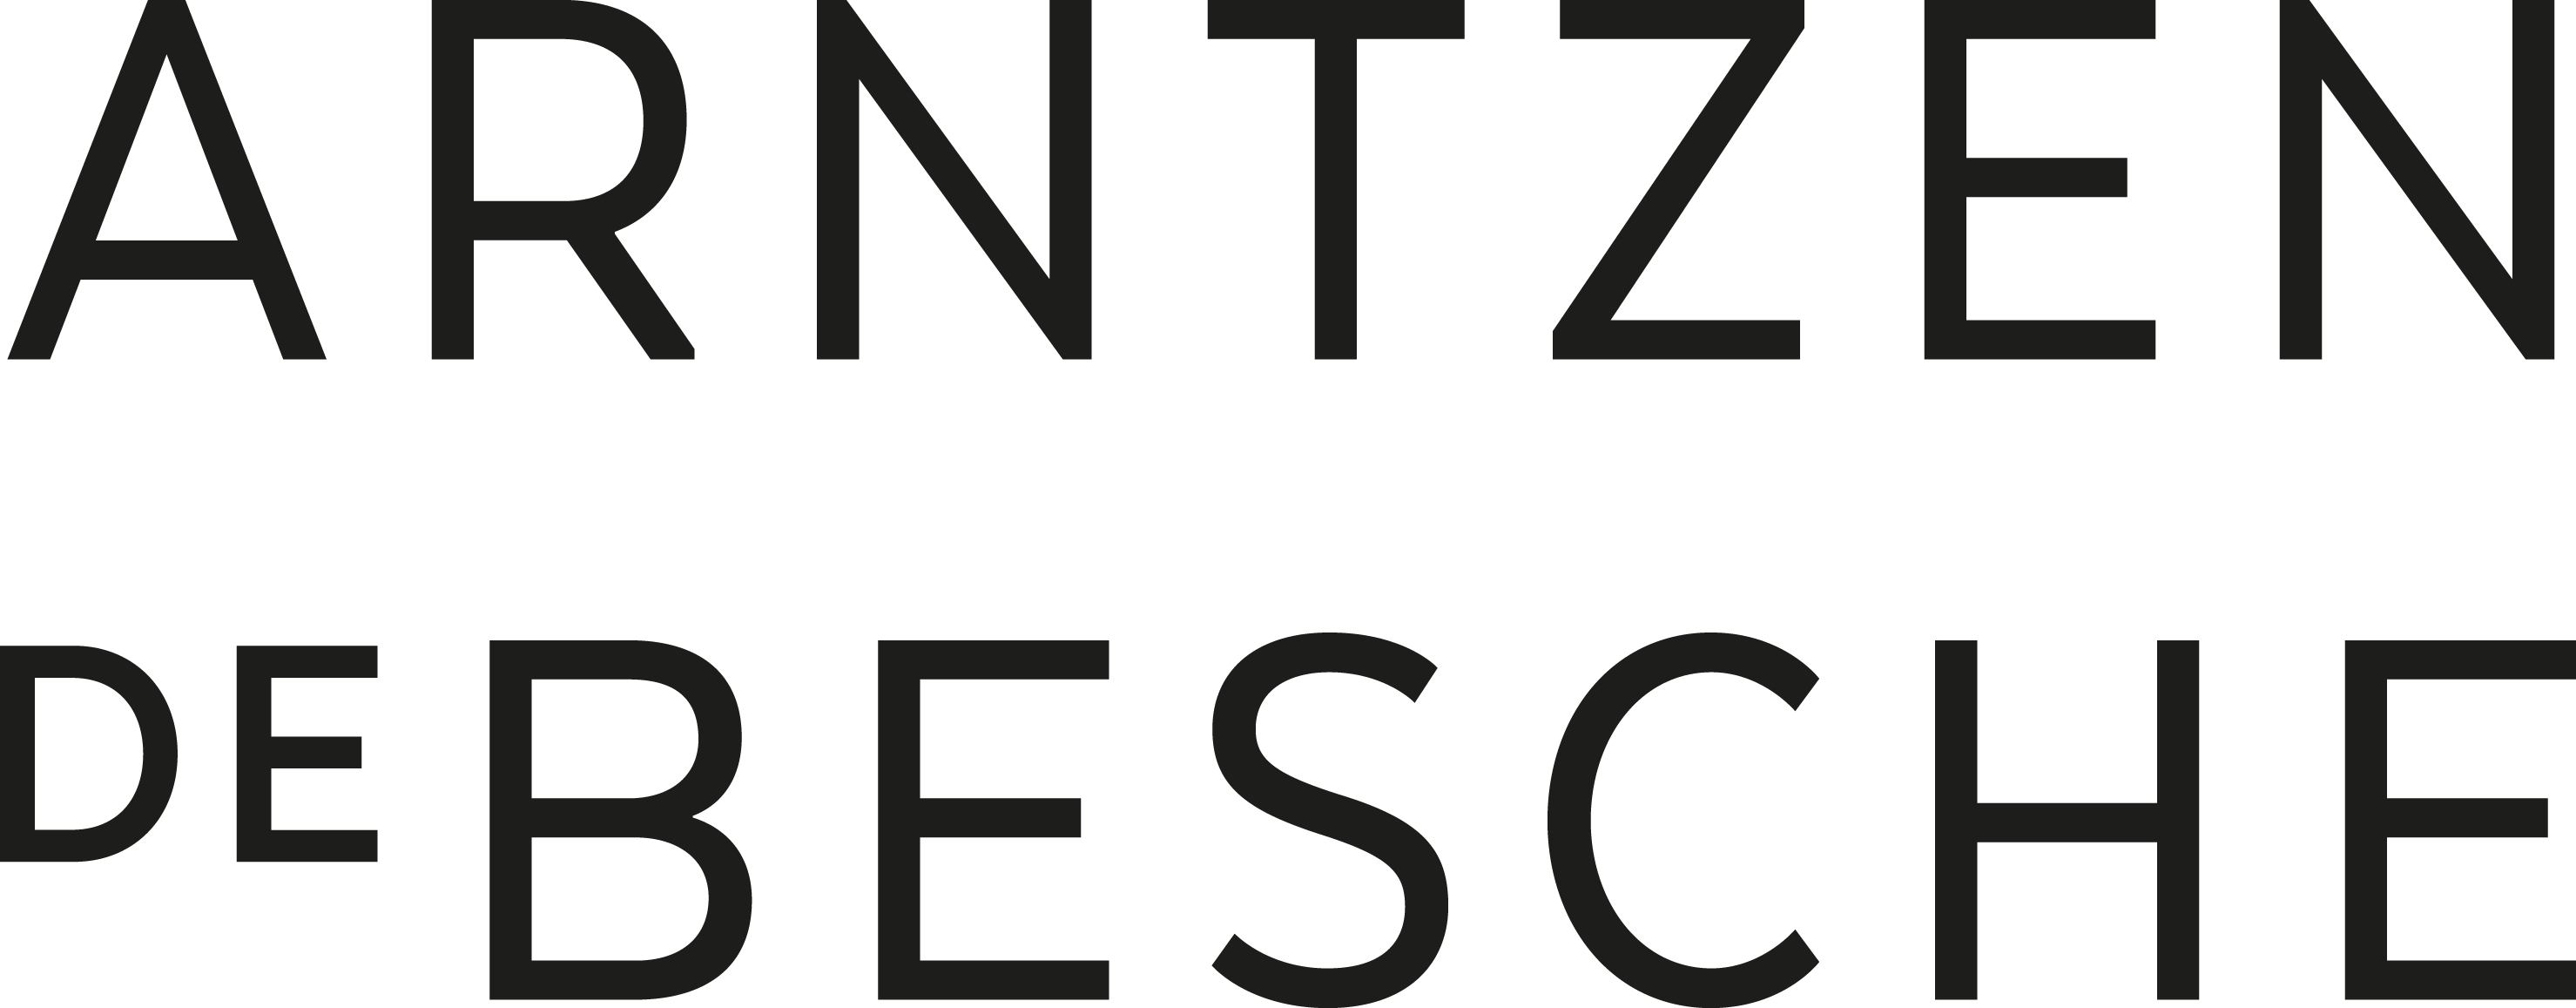 Arntzen de Besche's logo.